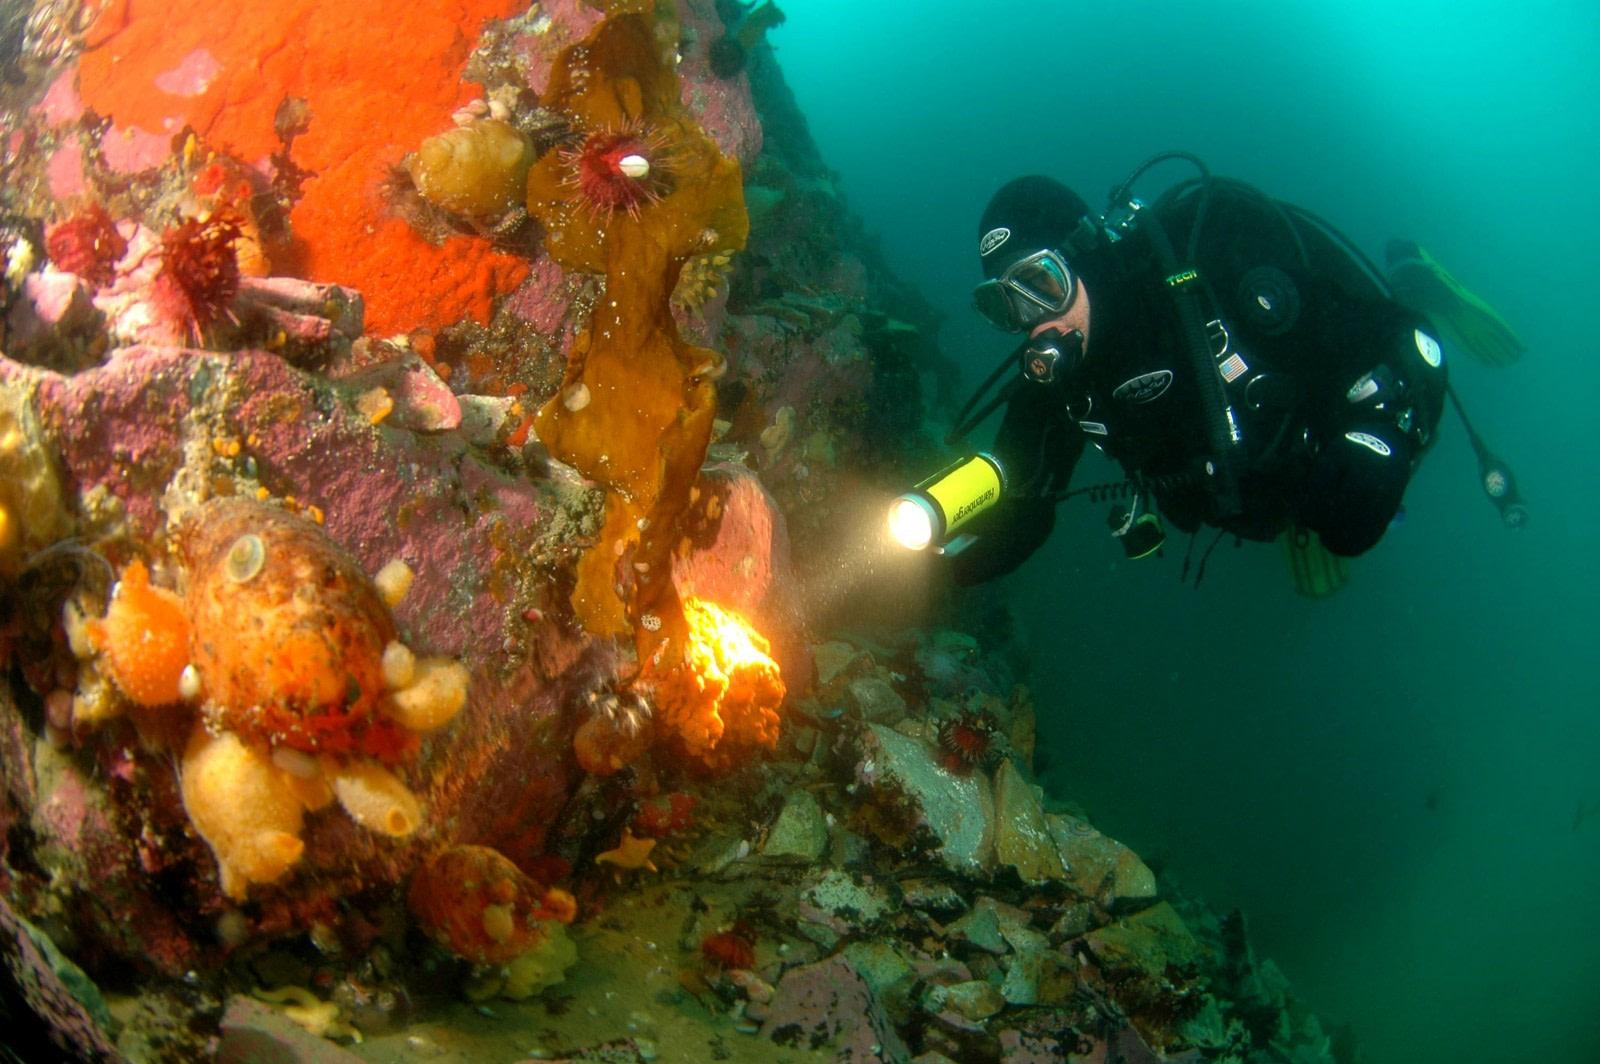 Diving in Antarctic waters